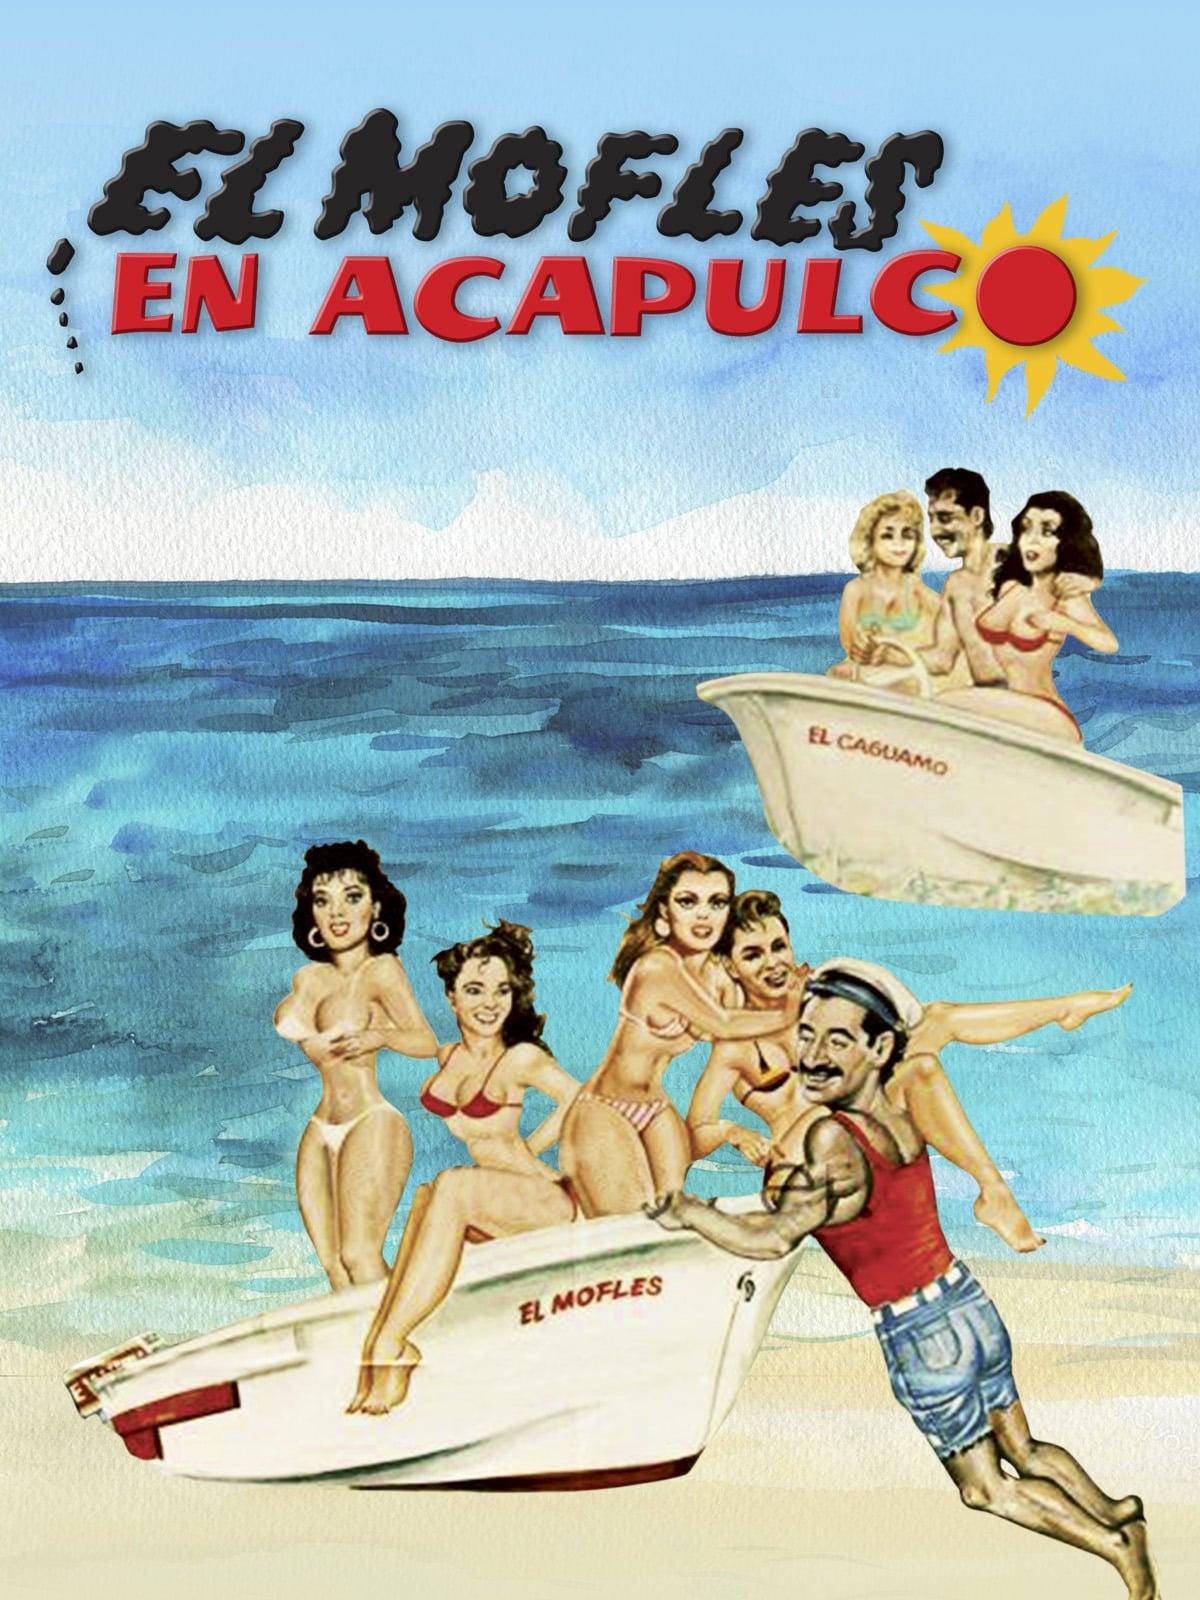 El Mofles en Acapulco